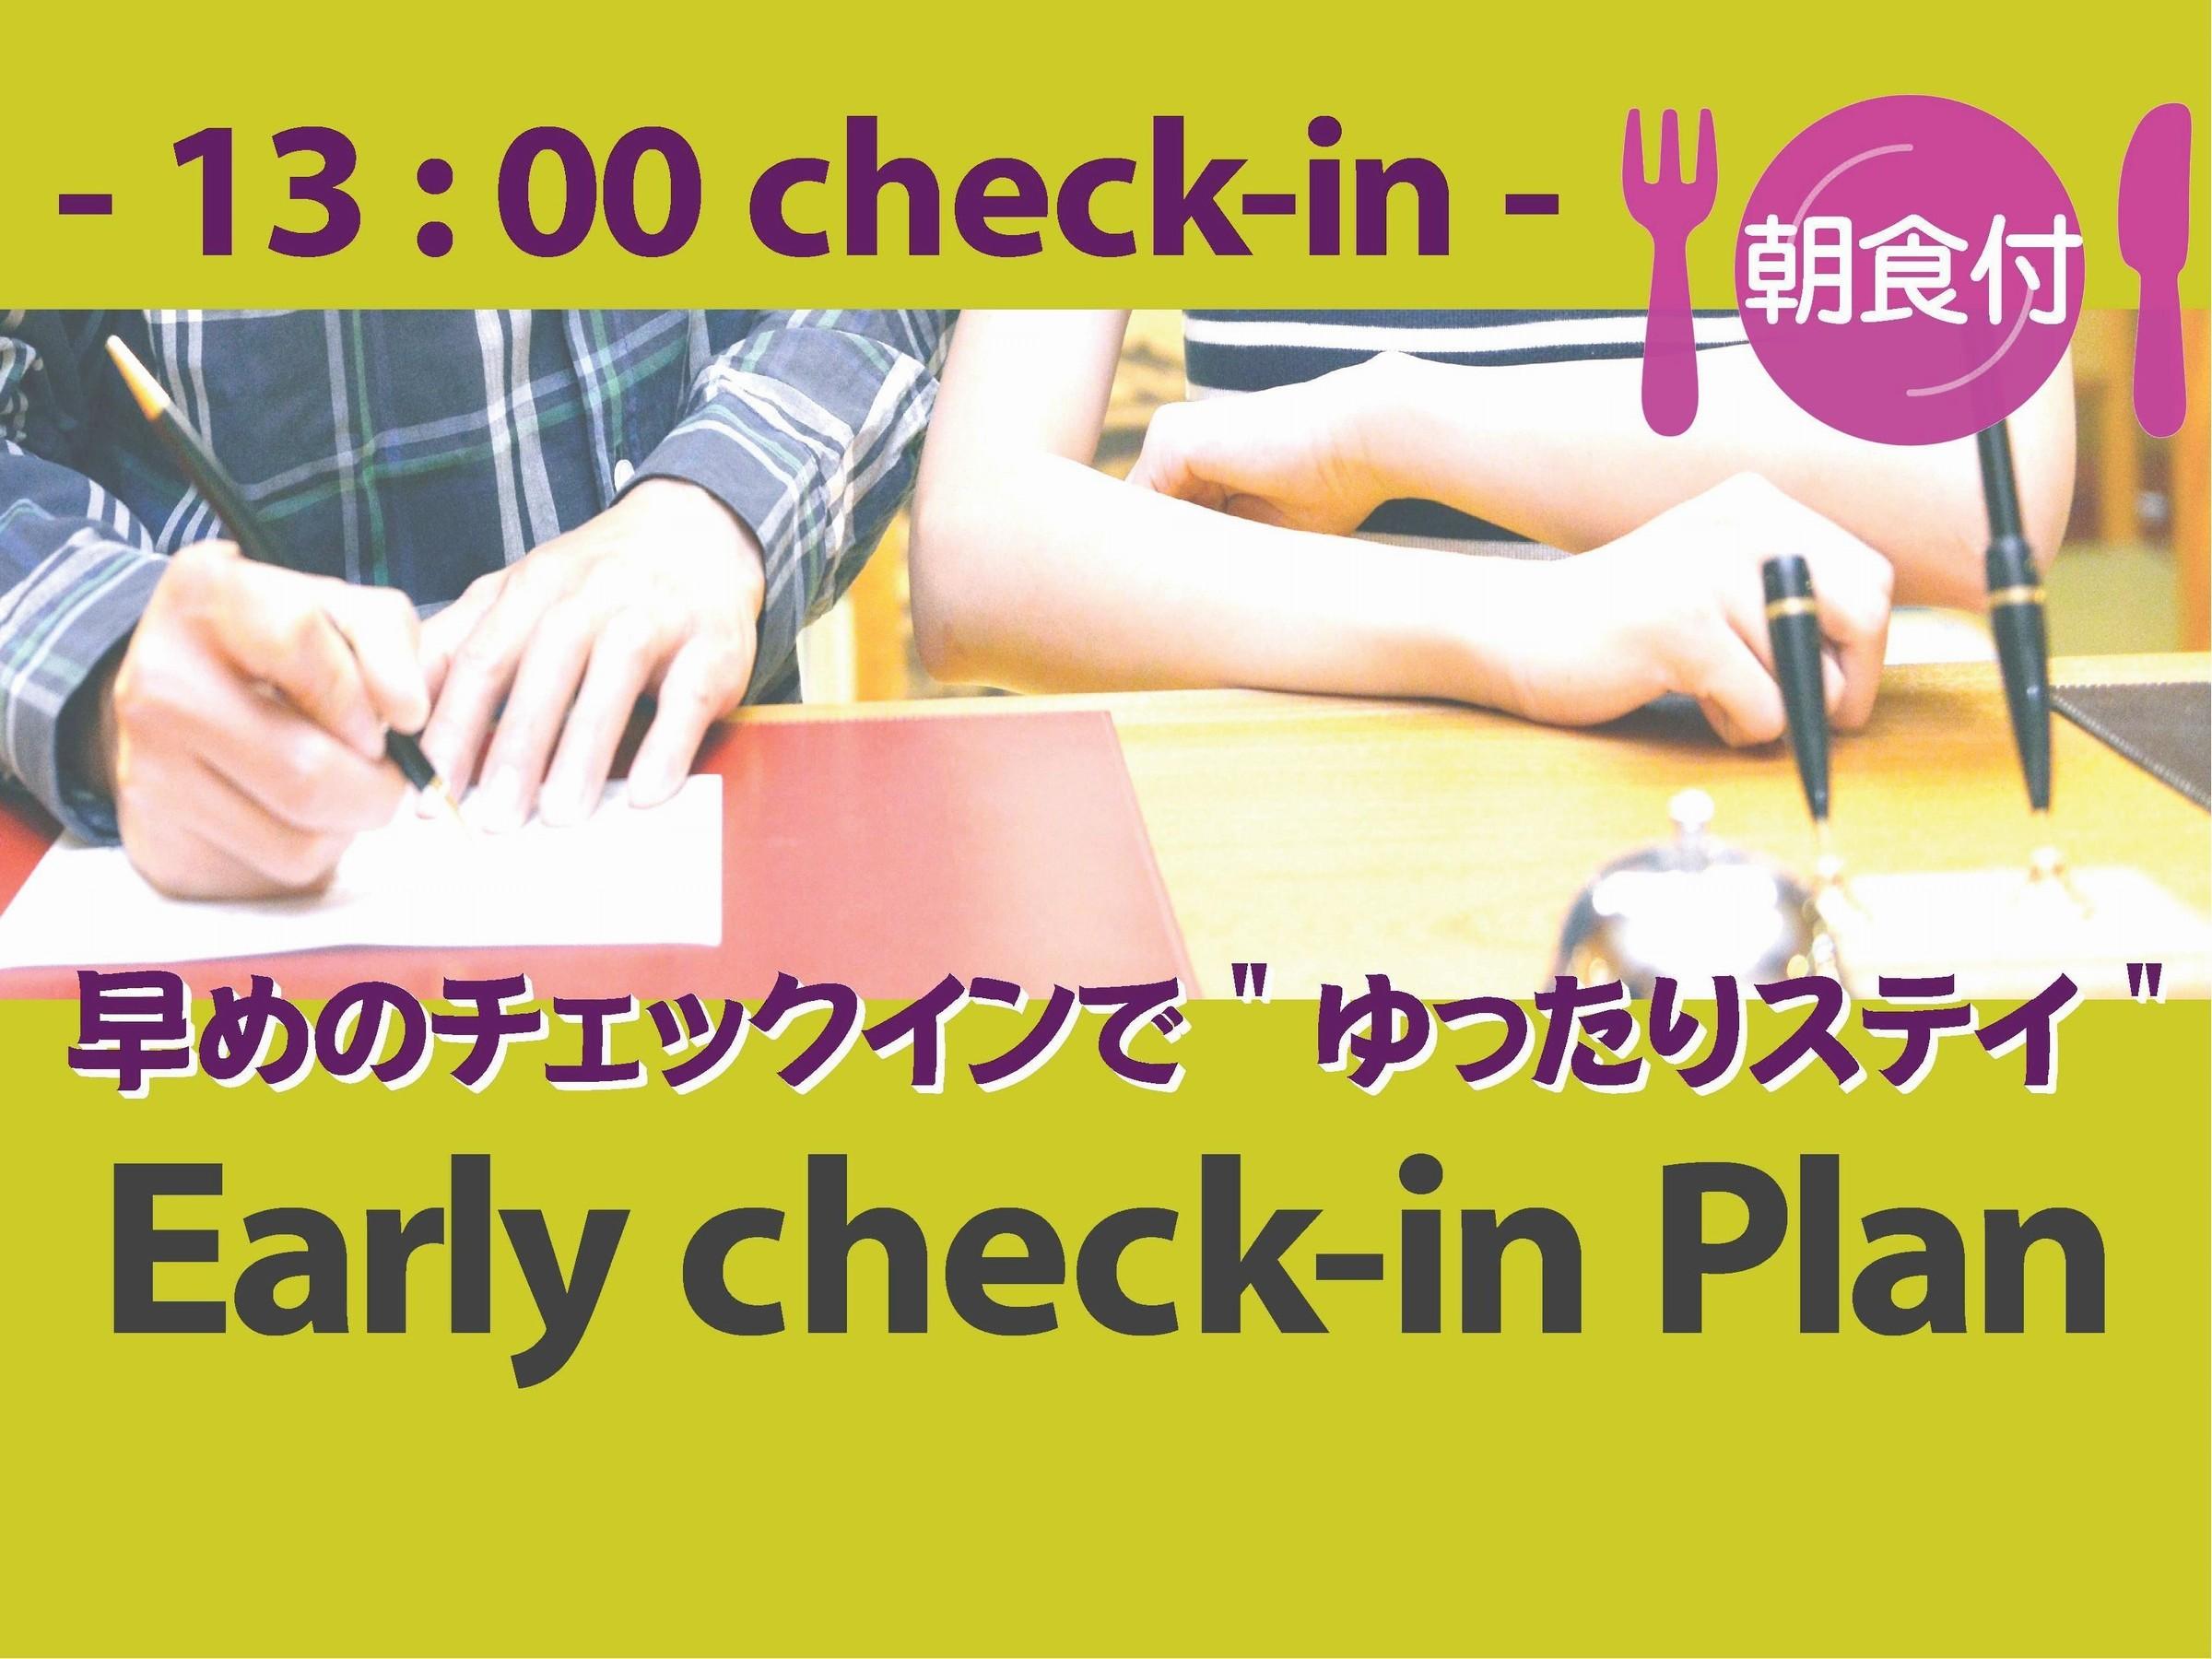 ホテルウィングインターナショナルセレクト東大阪 / 【早めの13:00チェックイン】=朝食バイキング付=アーリーチェックインプラン